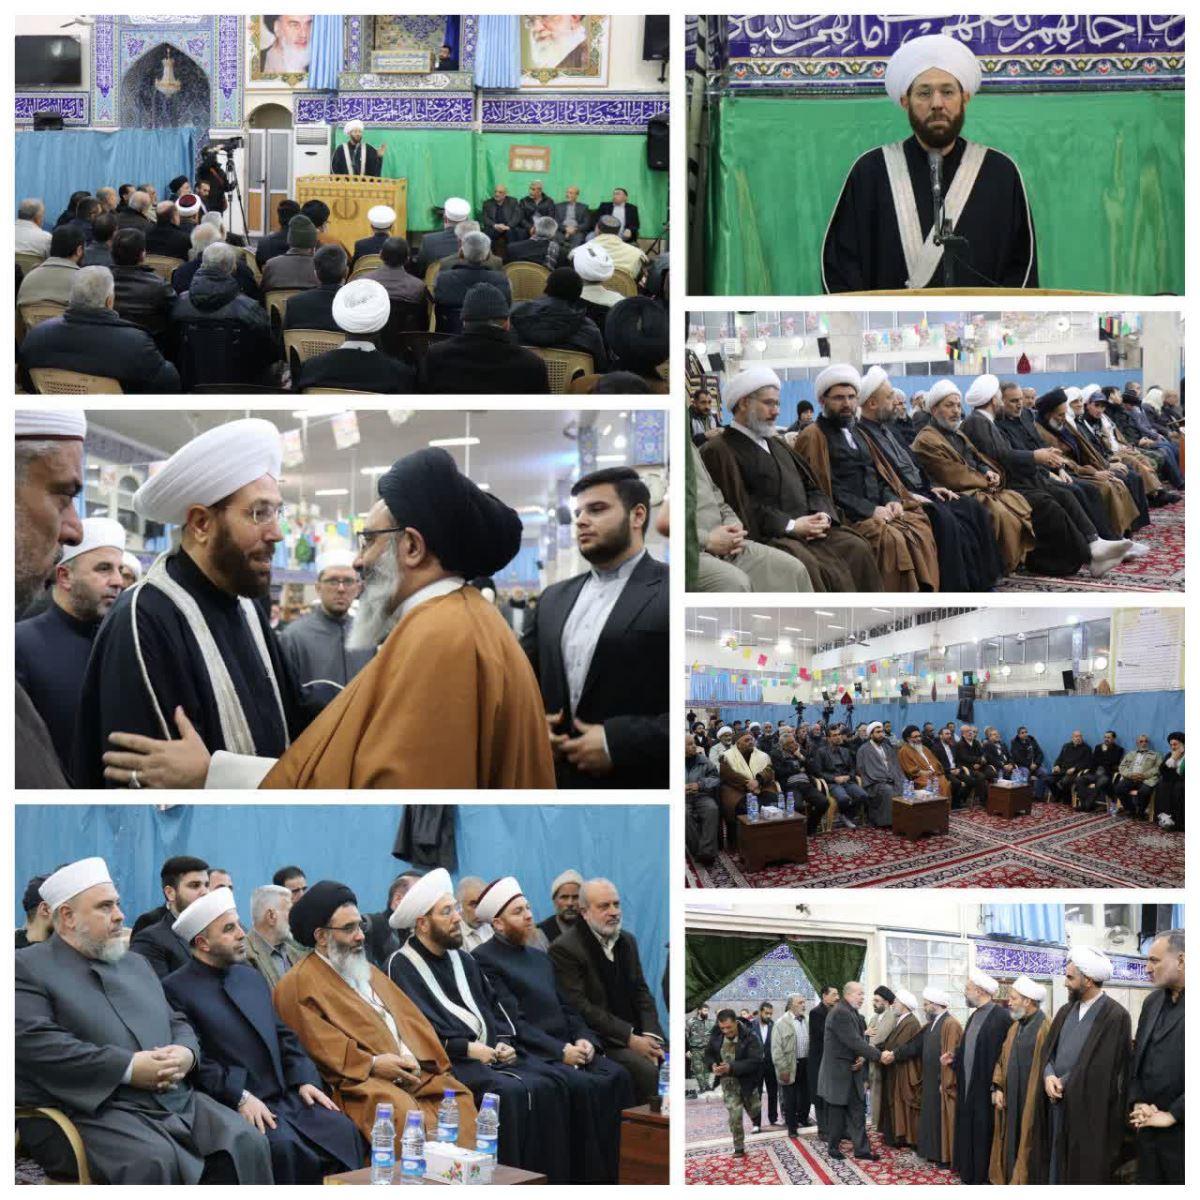 مجلس ترحیم آیت الله شاهرودی در سوریه